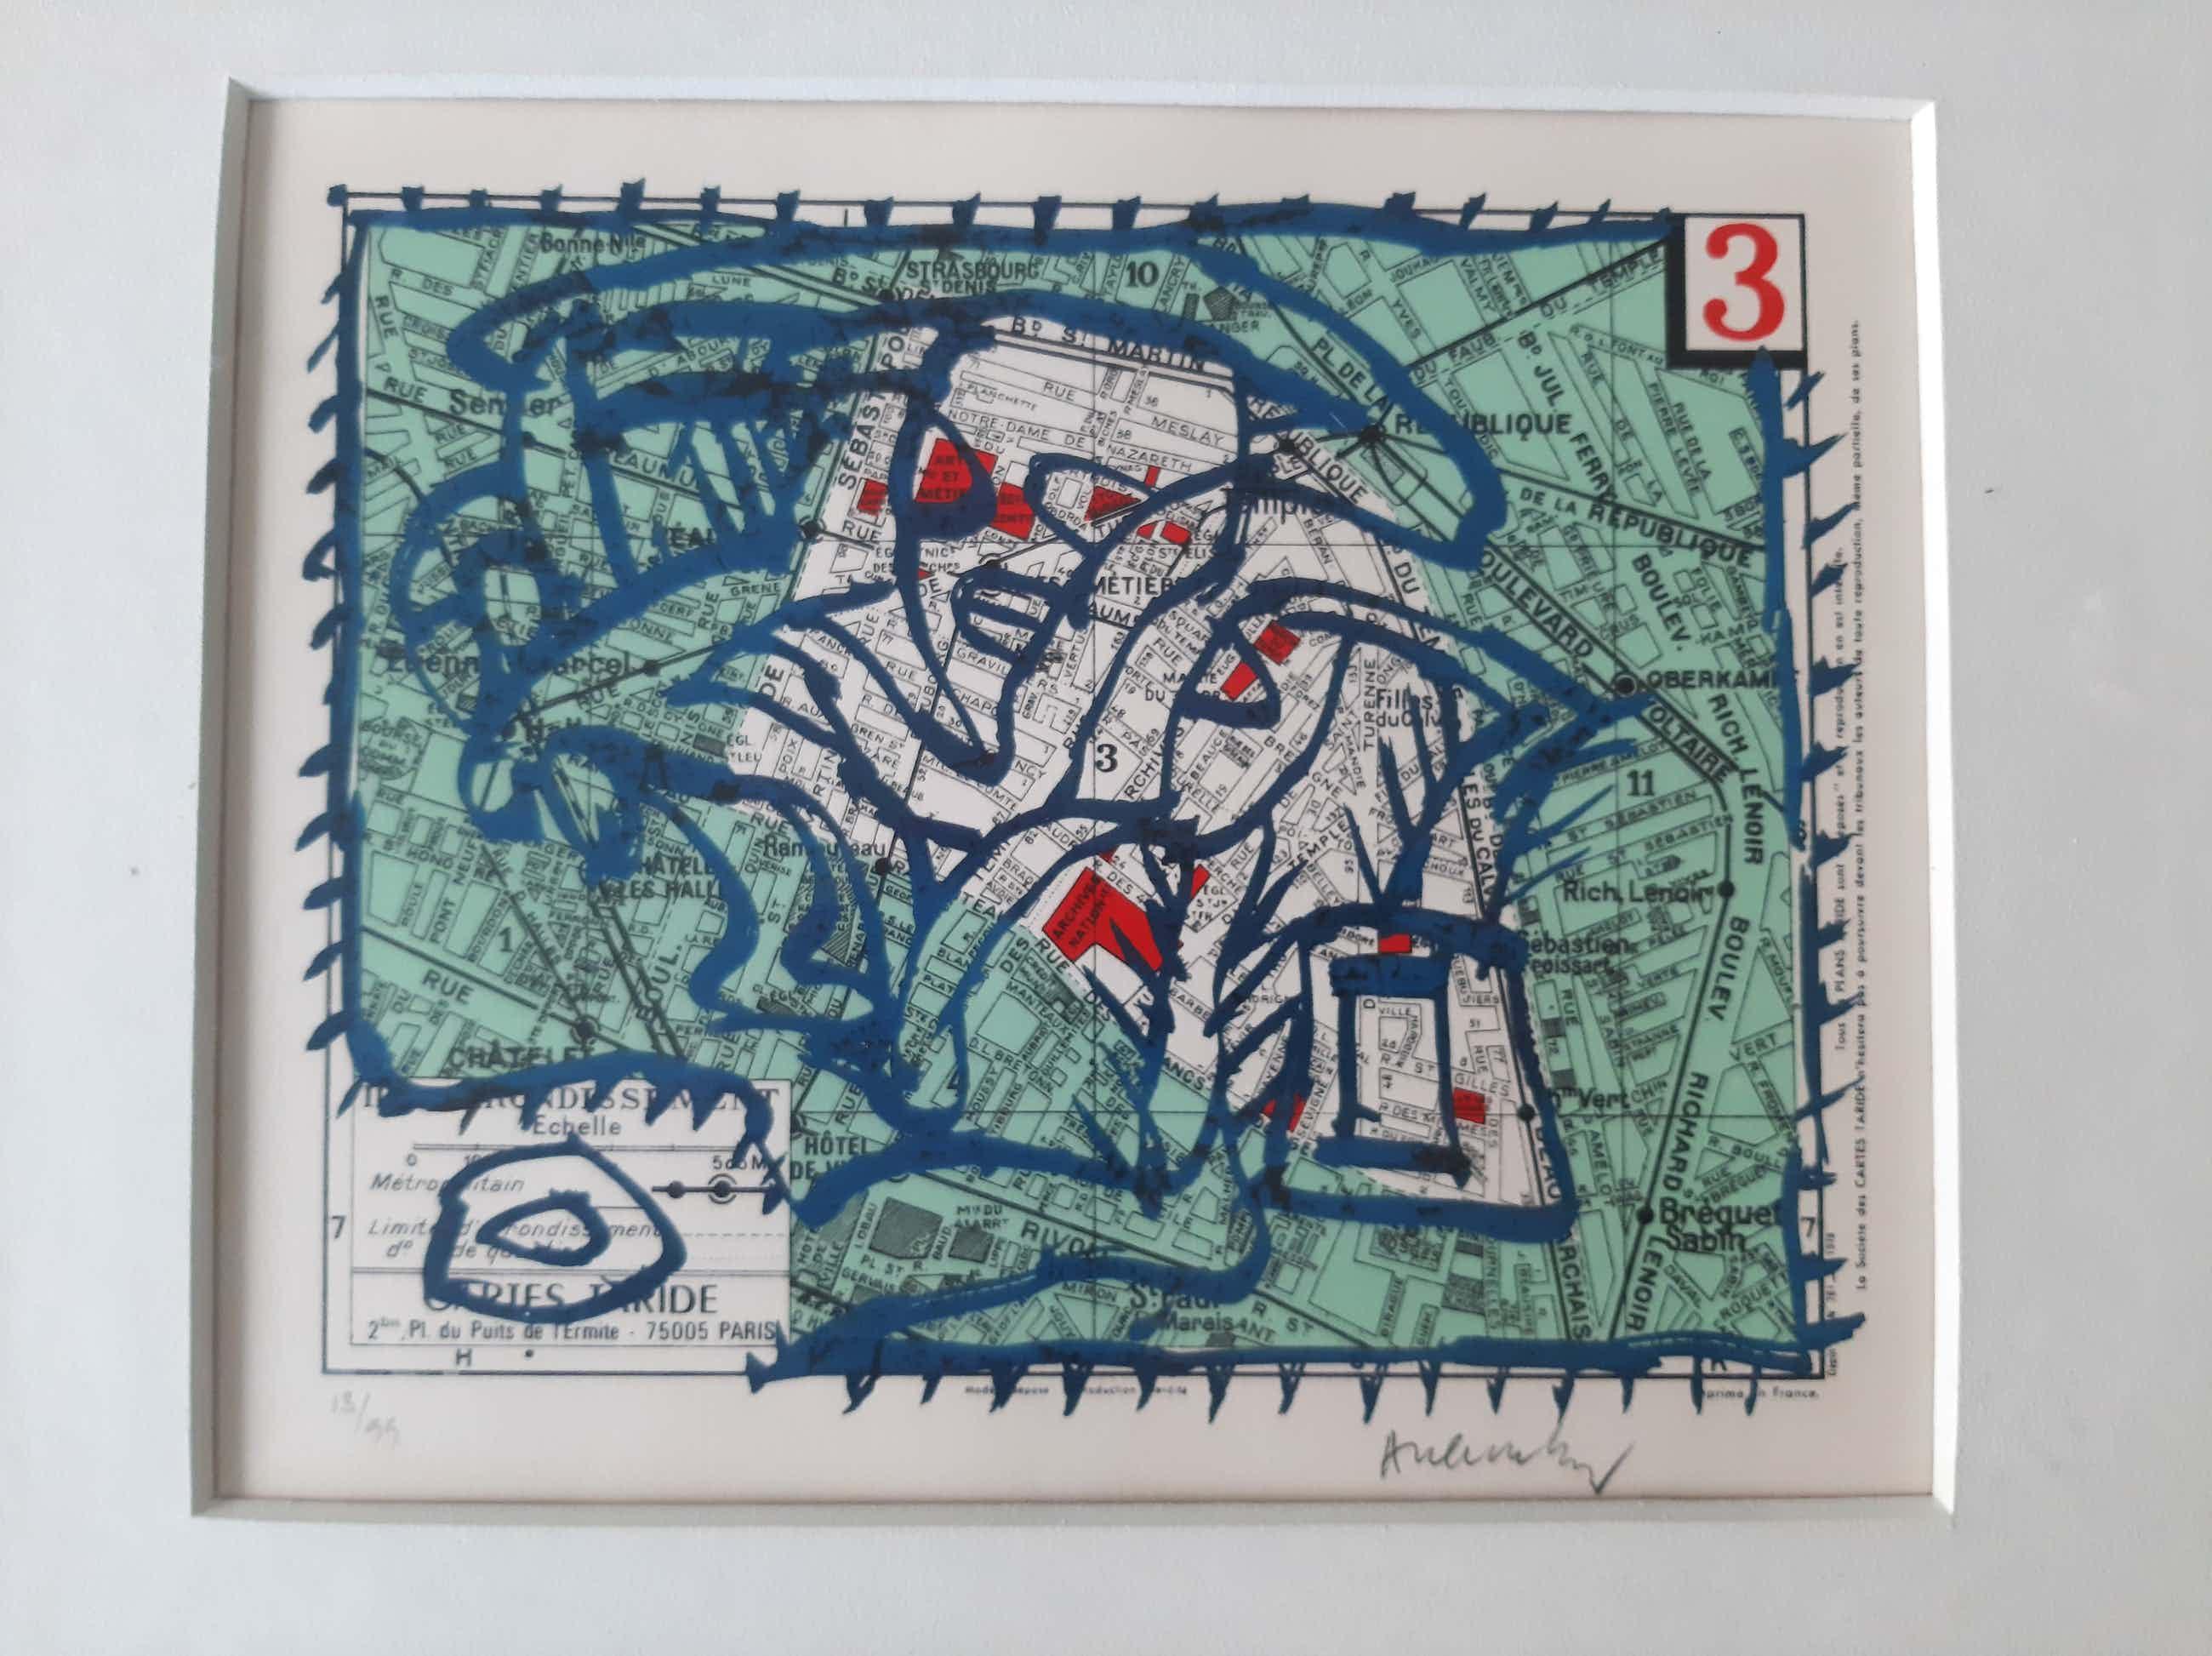 Pierre Alechinsky - Paris, Arrondissement 3 - ingelijste litho - 1983 - oplage 99 kopen? Bied vanaf 600!